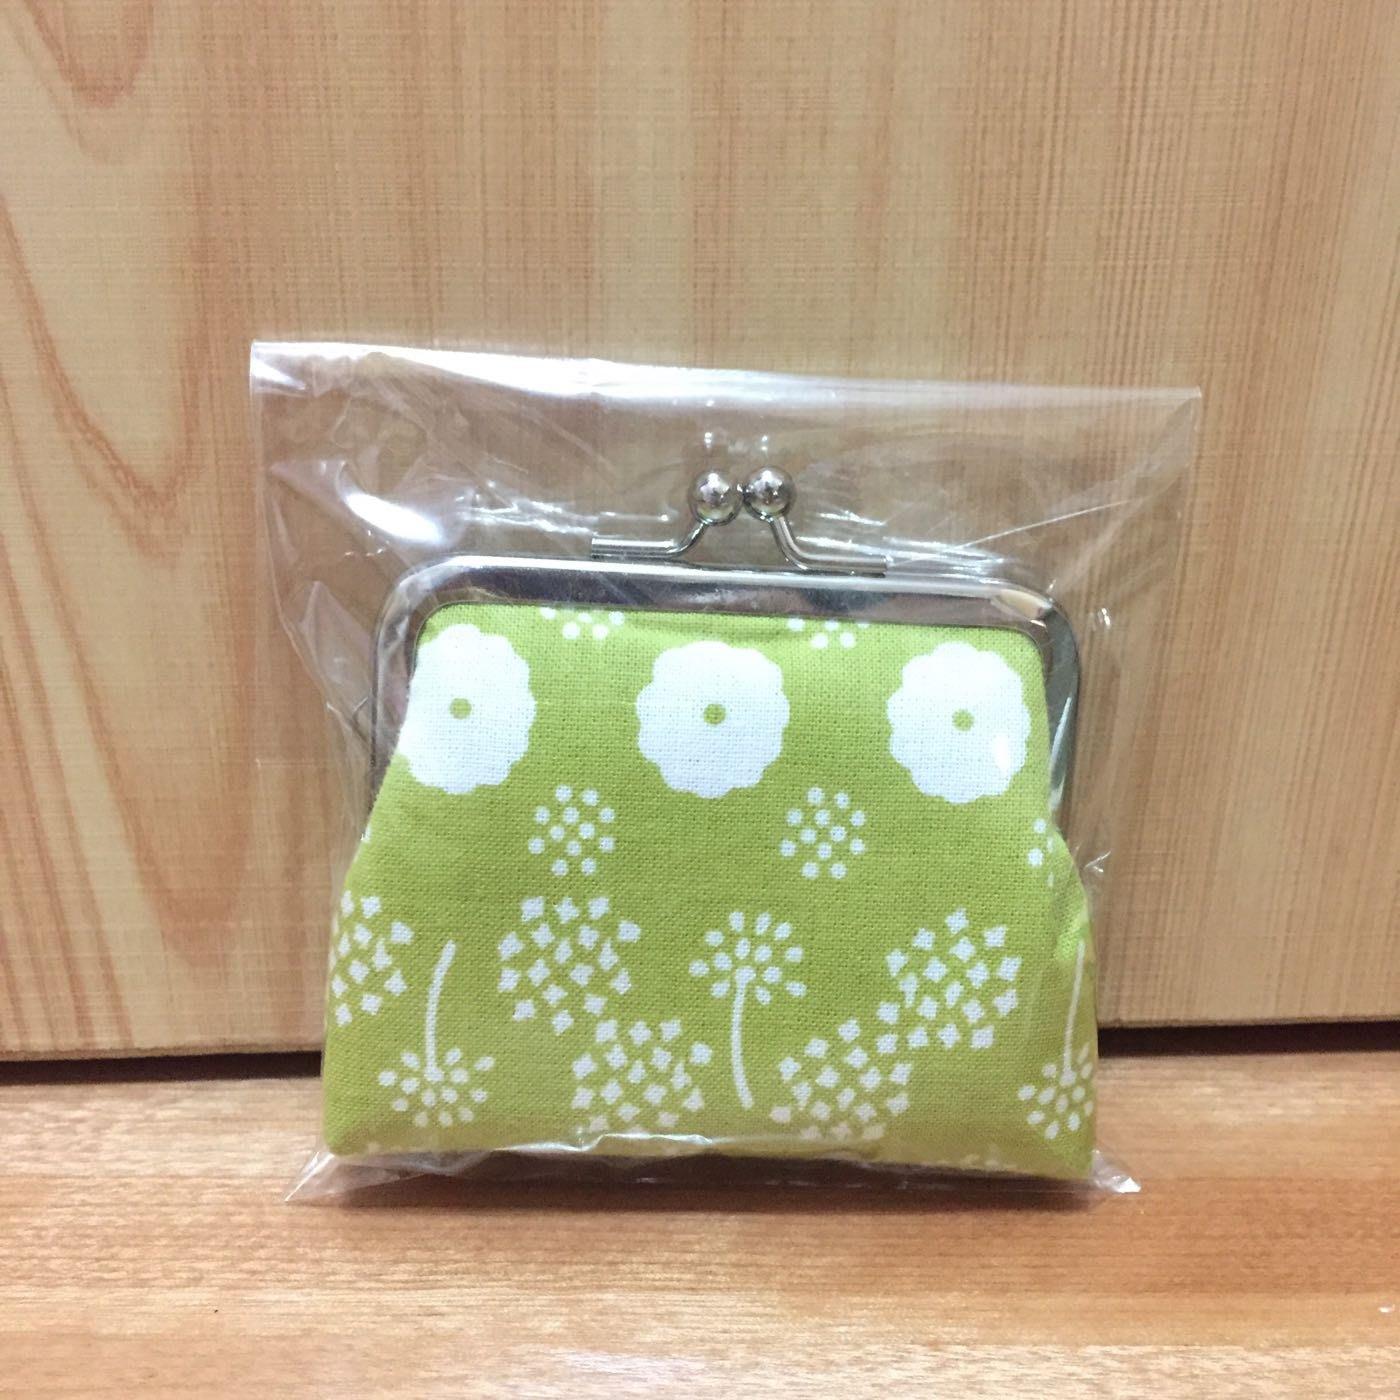 日本雜貨花布小零錢包,日本購入,zakka,日系,清新可愛綠色小花